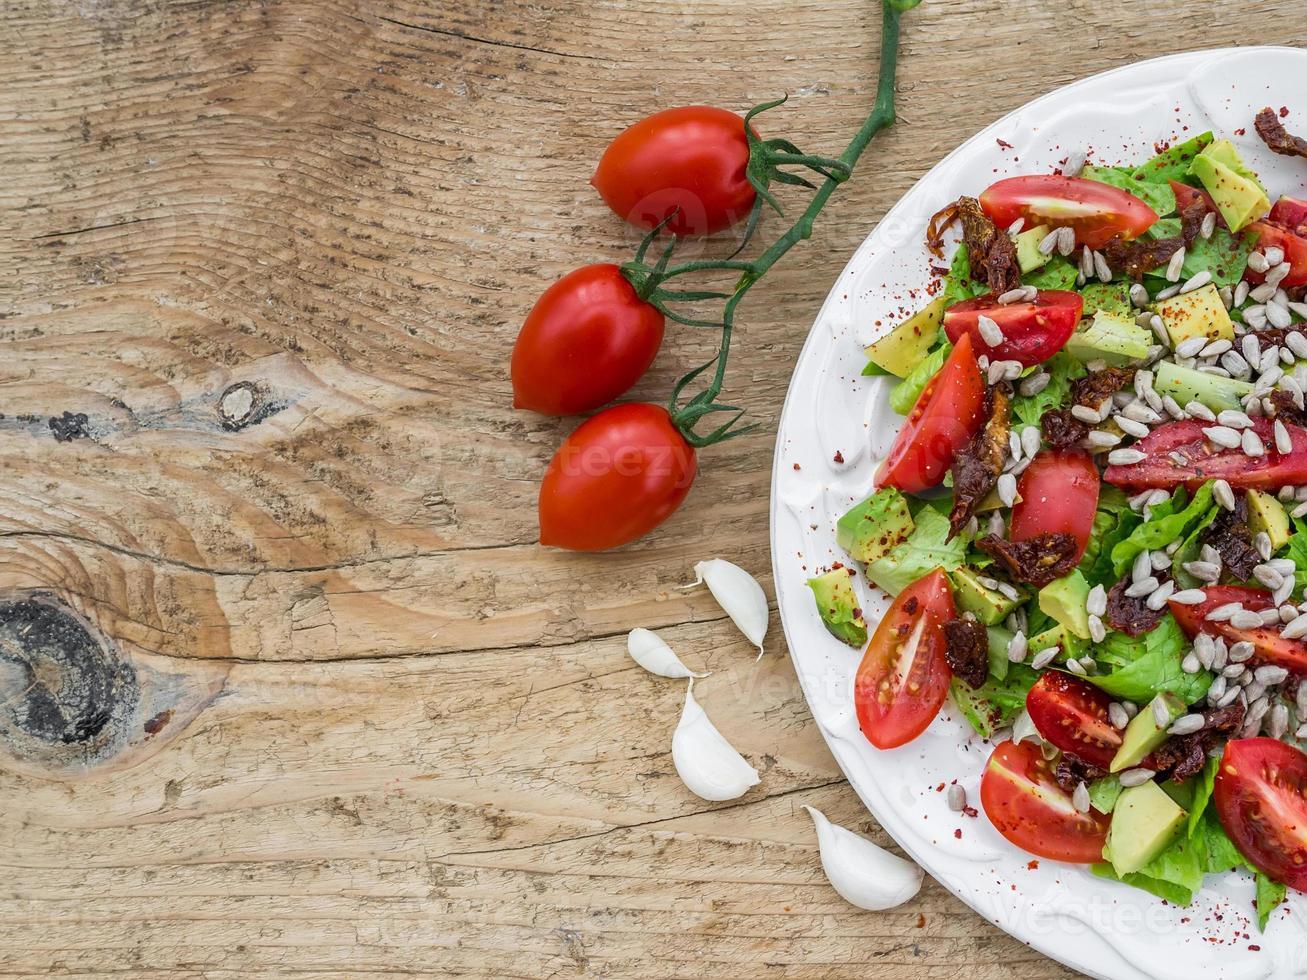 salade de légumes sur un bureau en bois photo